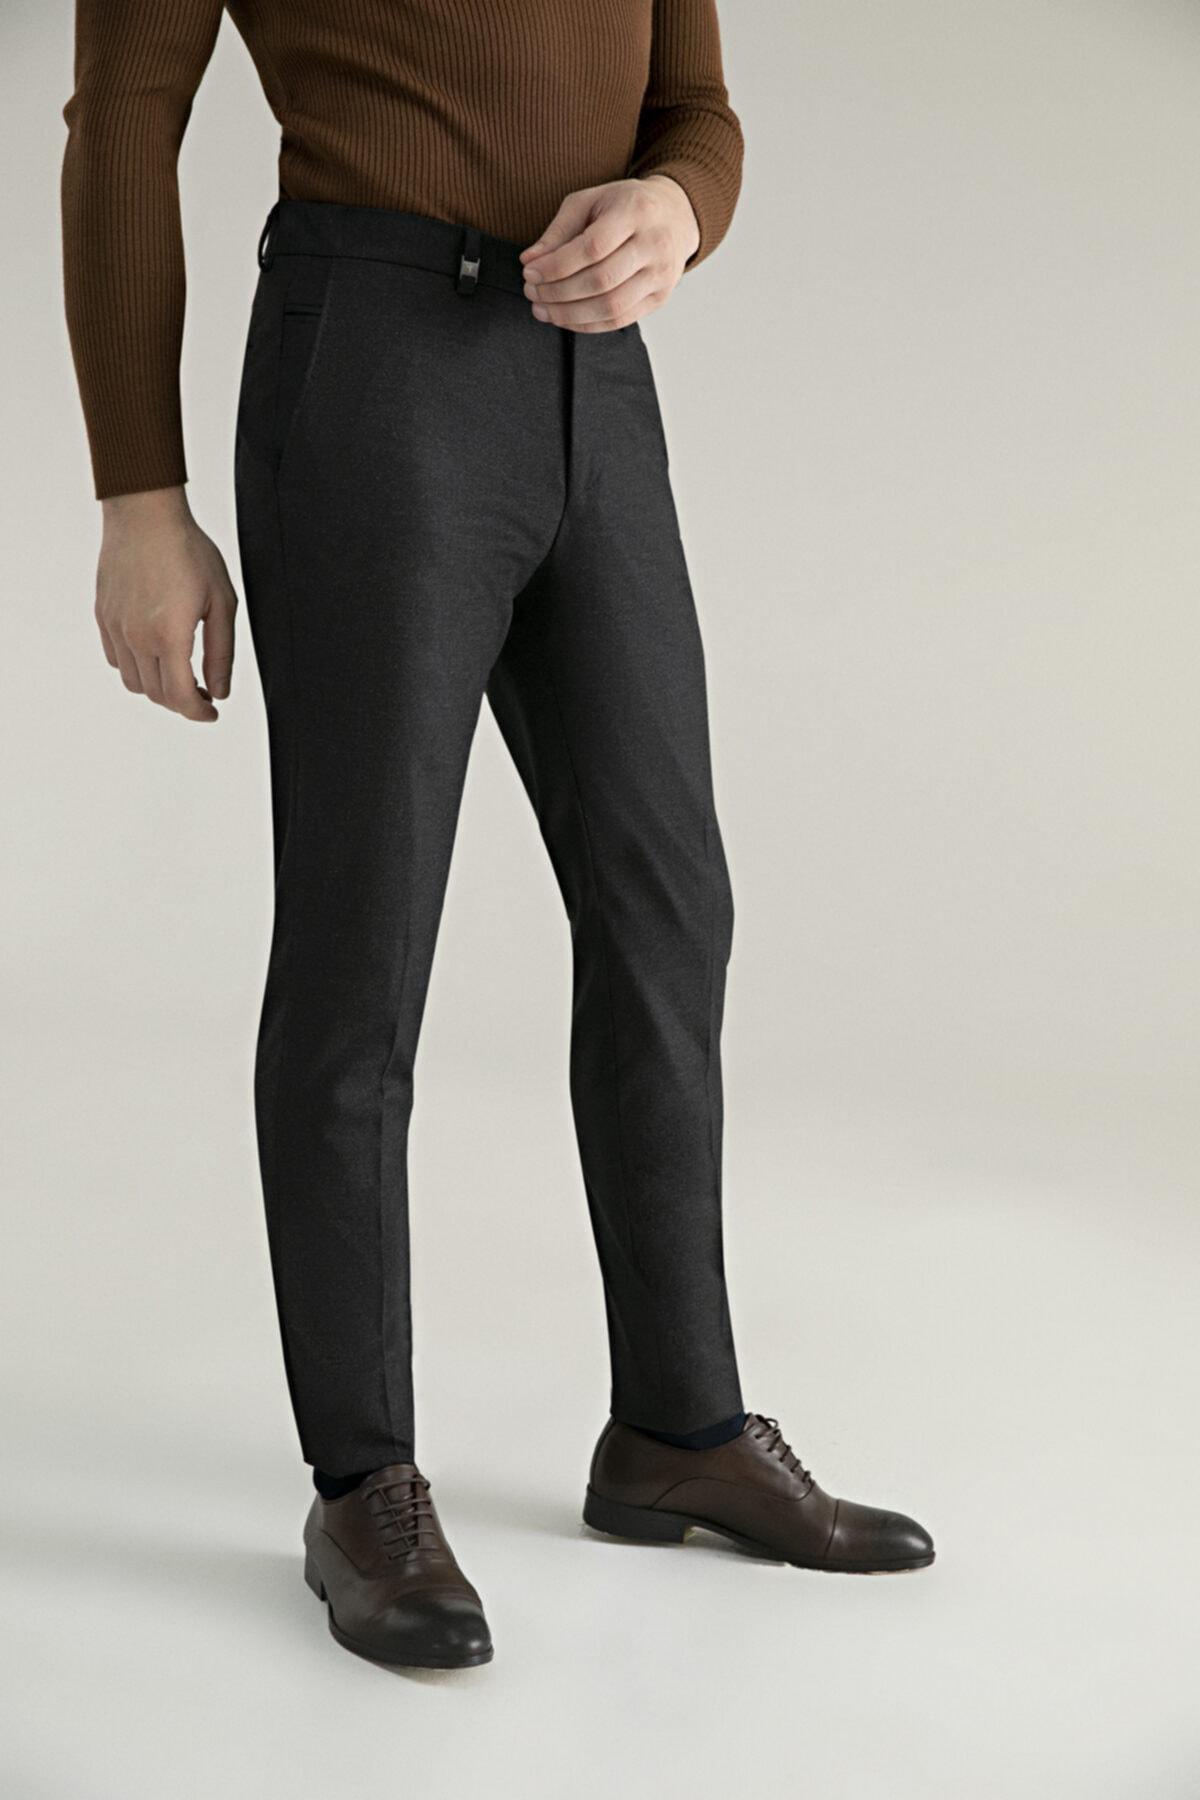 D'S Damat Tween Slim Fit Antrasit Kumaş Pantolon 2